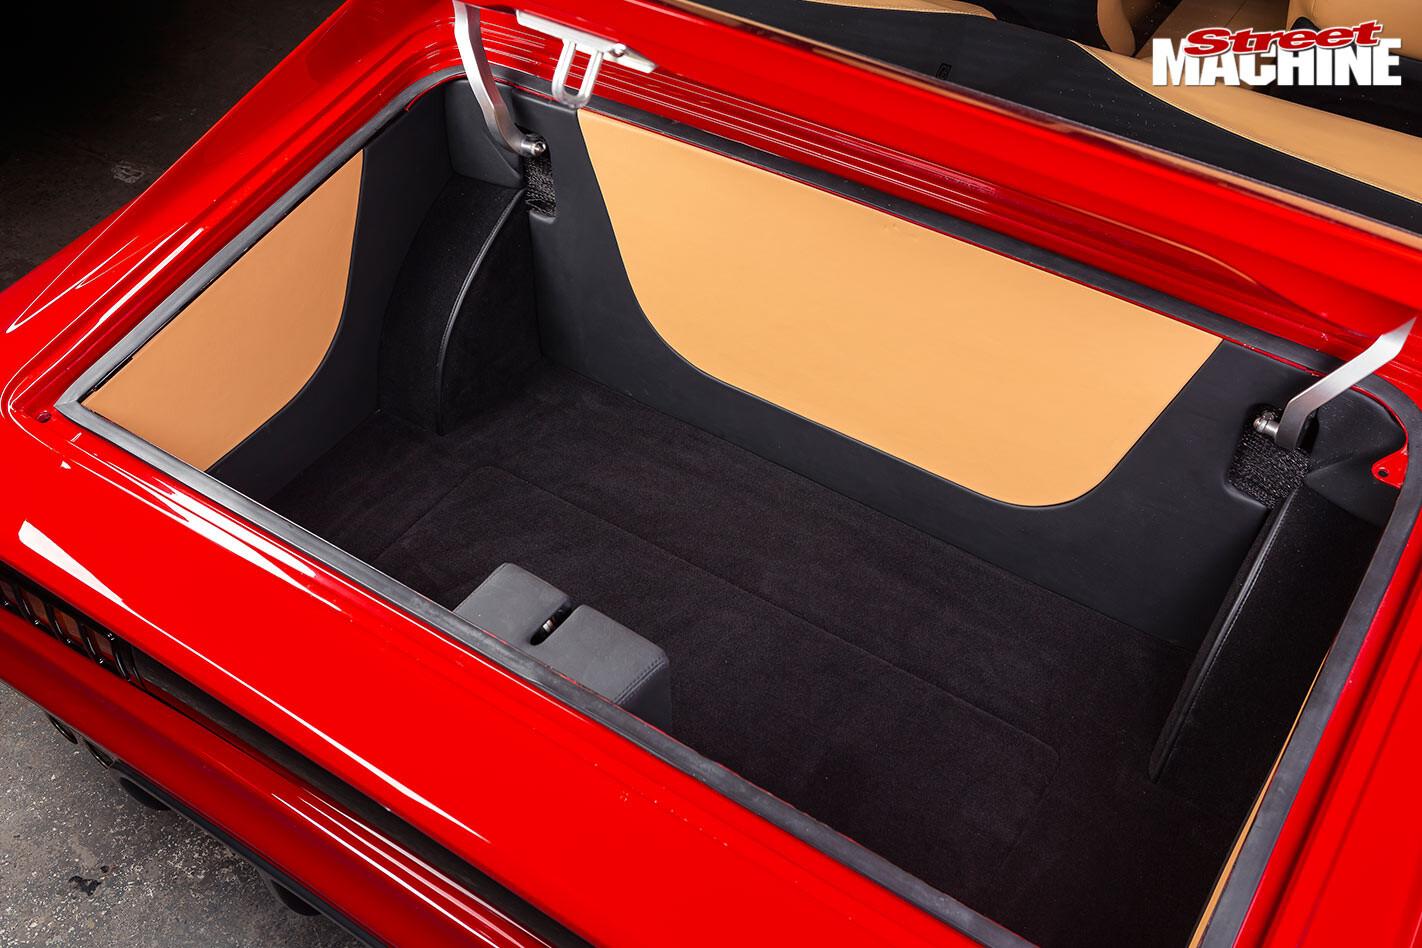 Chrysler VH Valiant Charger boot